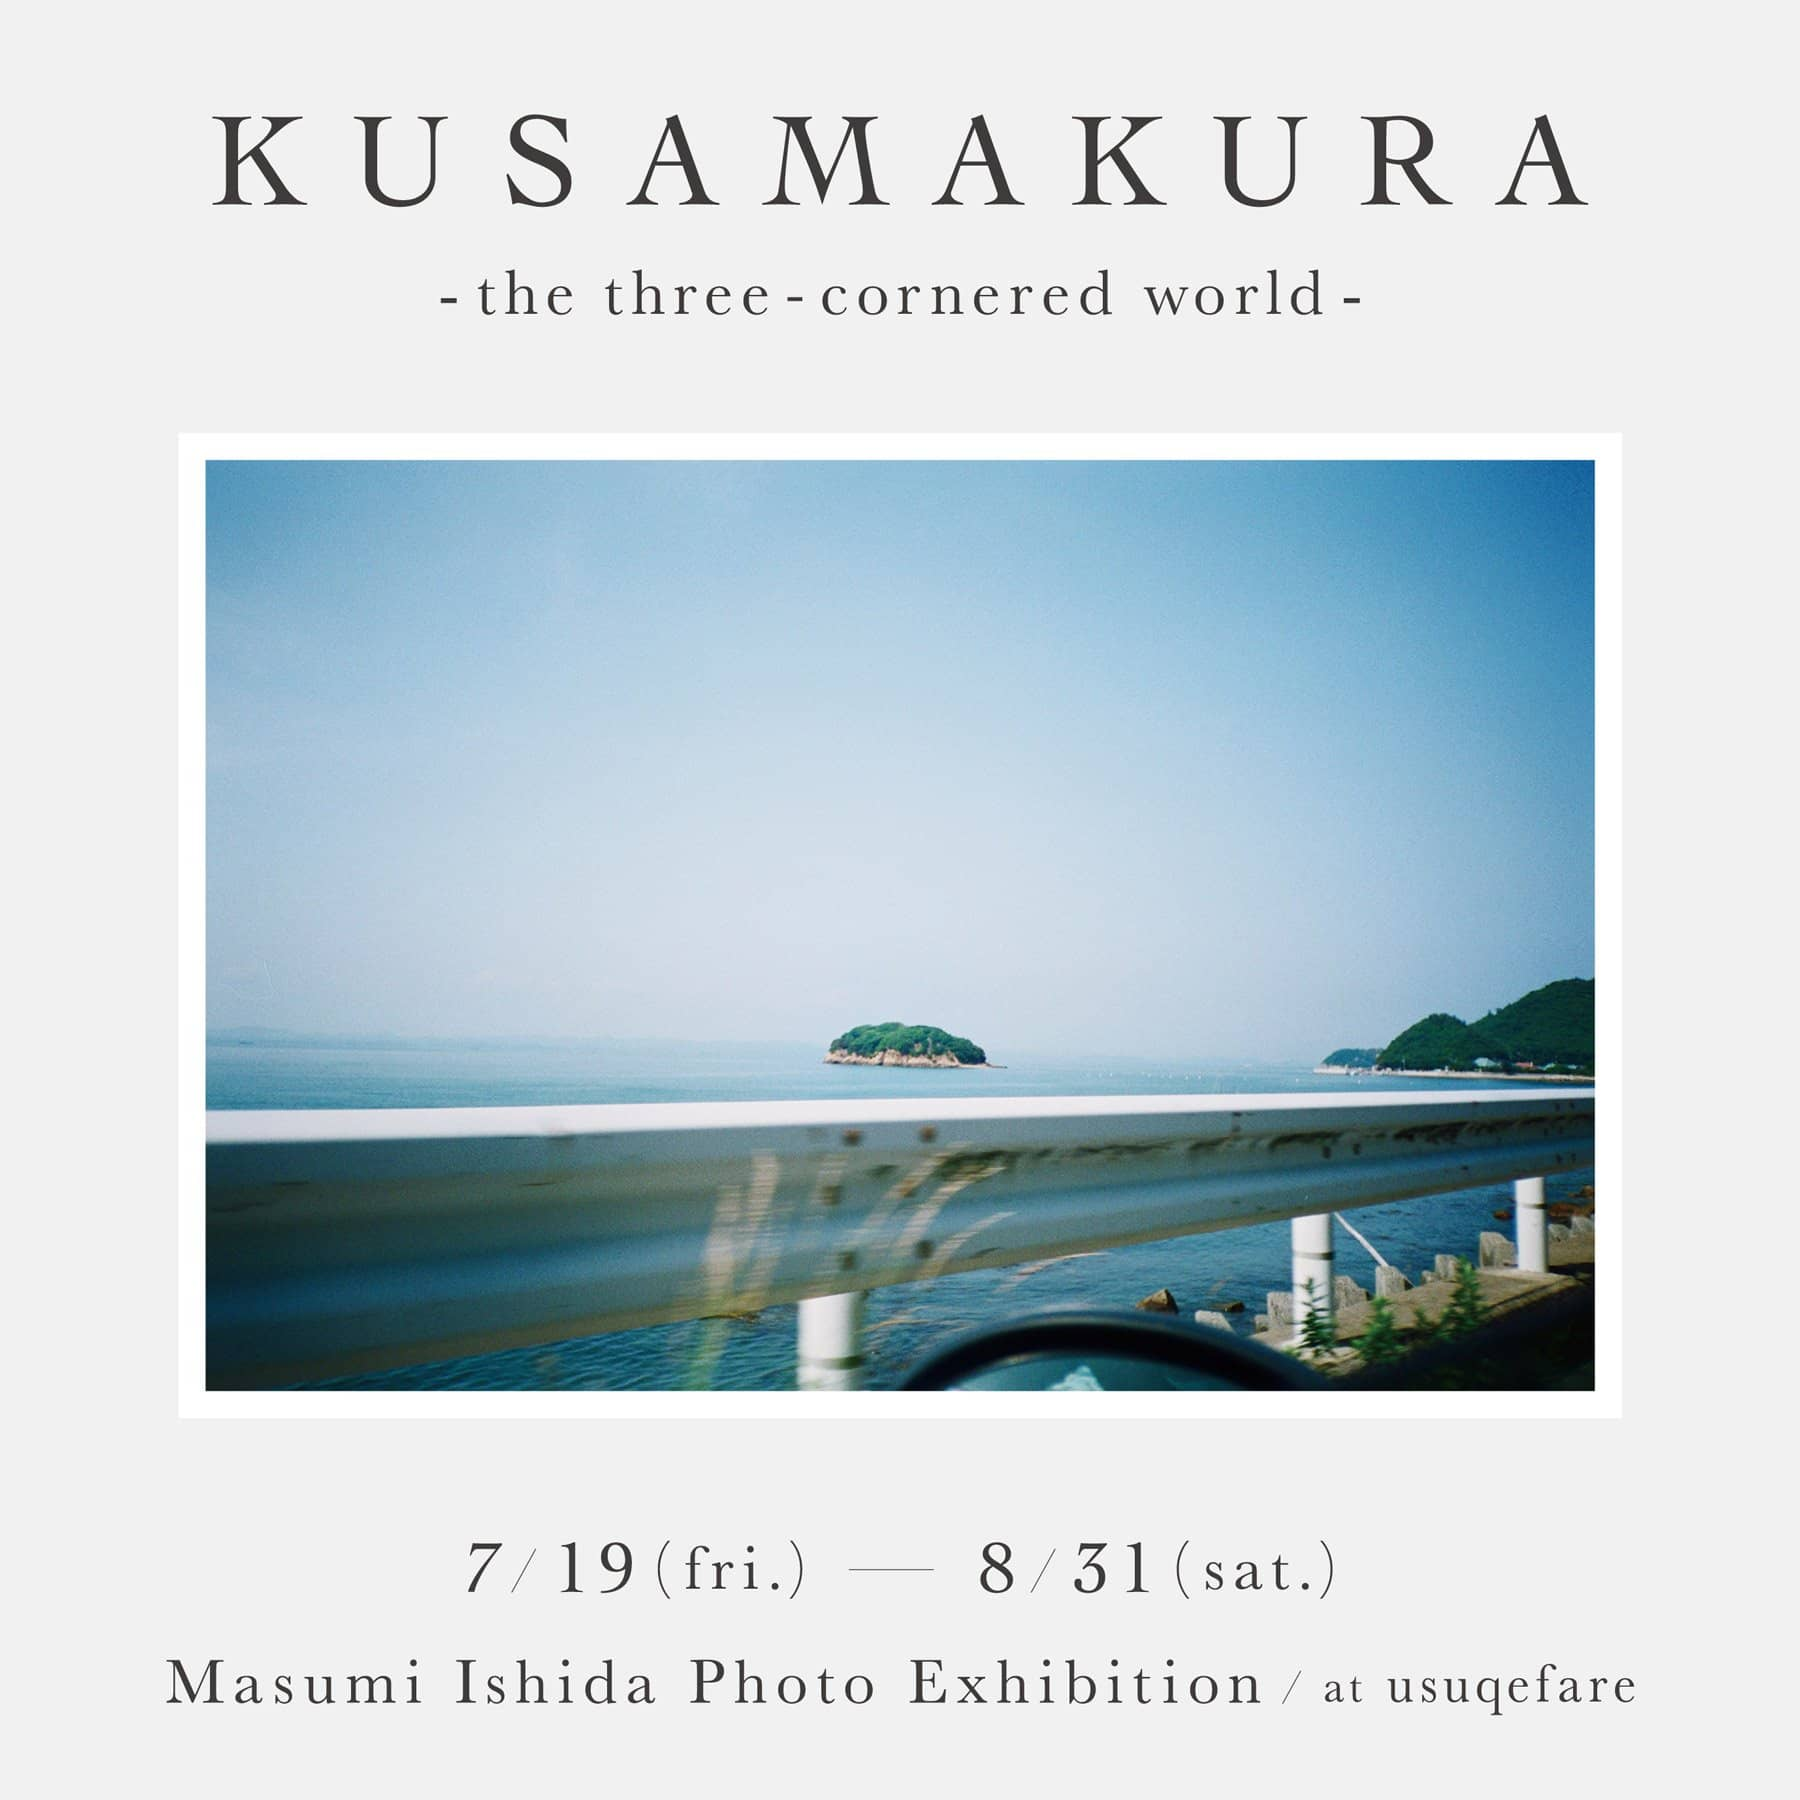 KUSAMAKURA the three-cornerd world